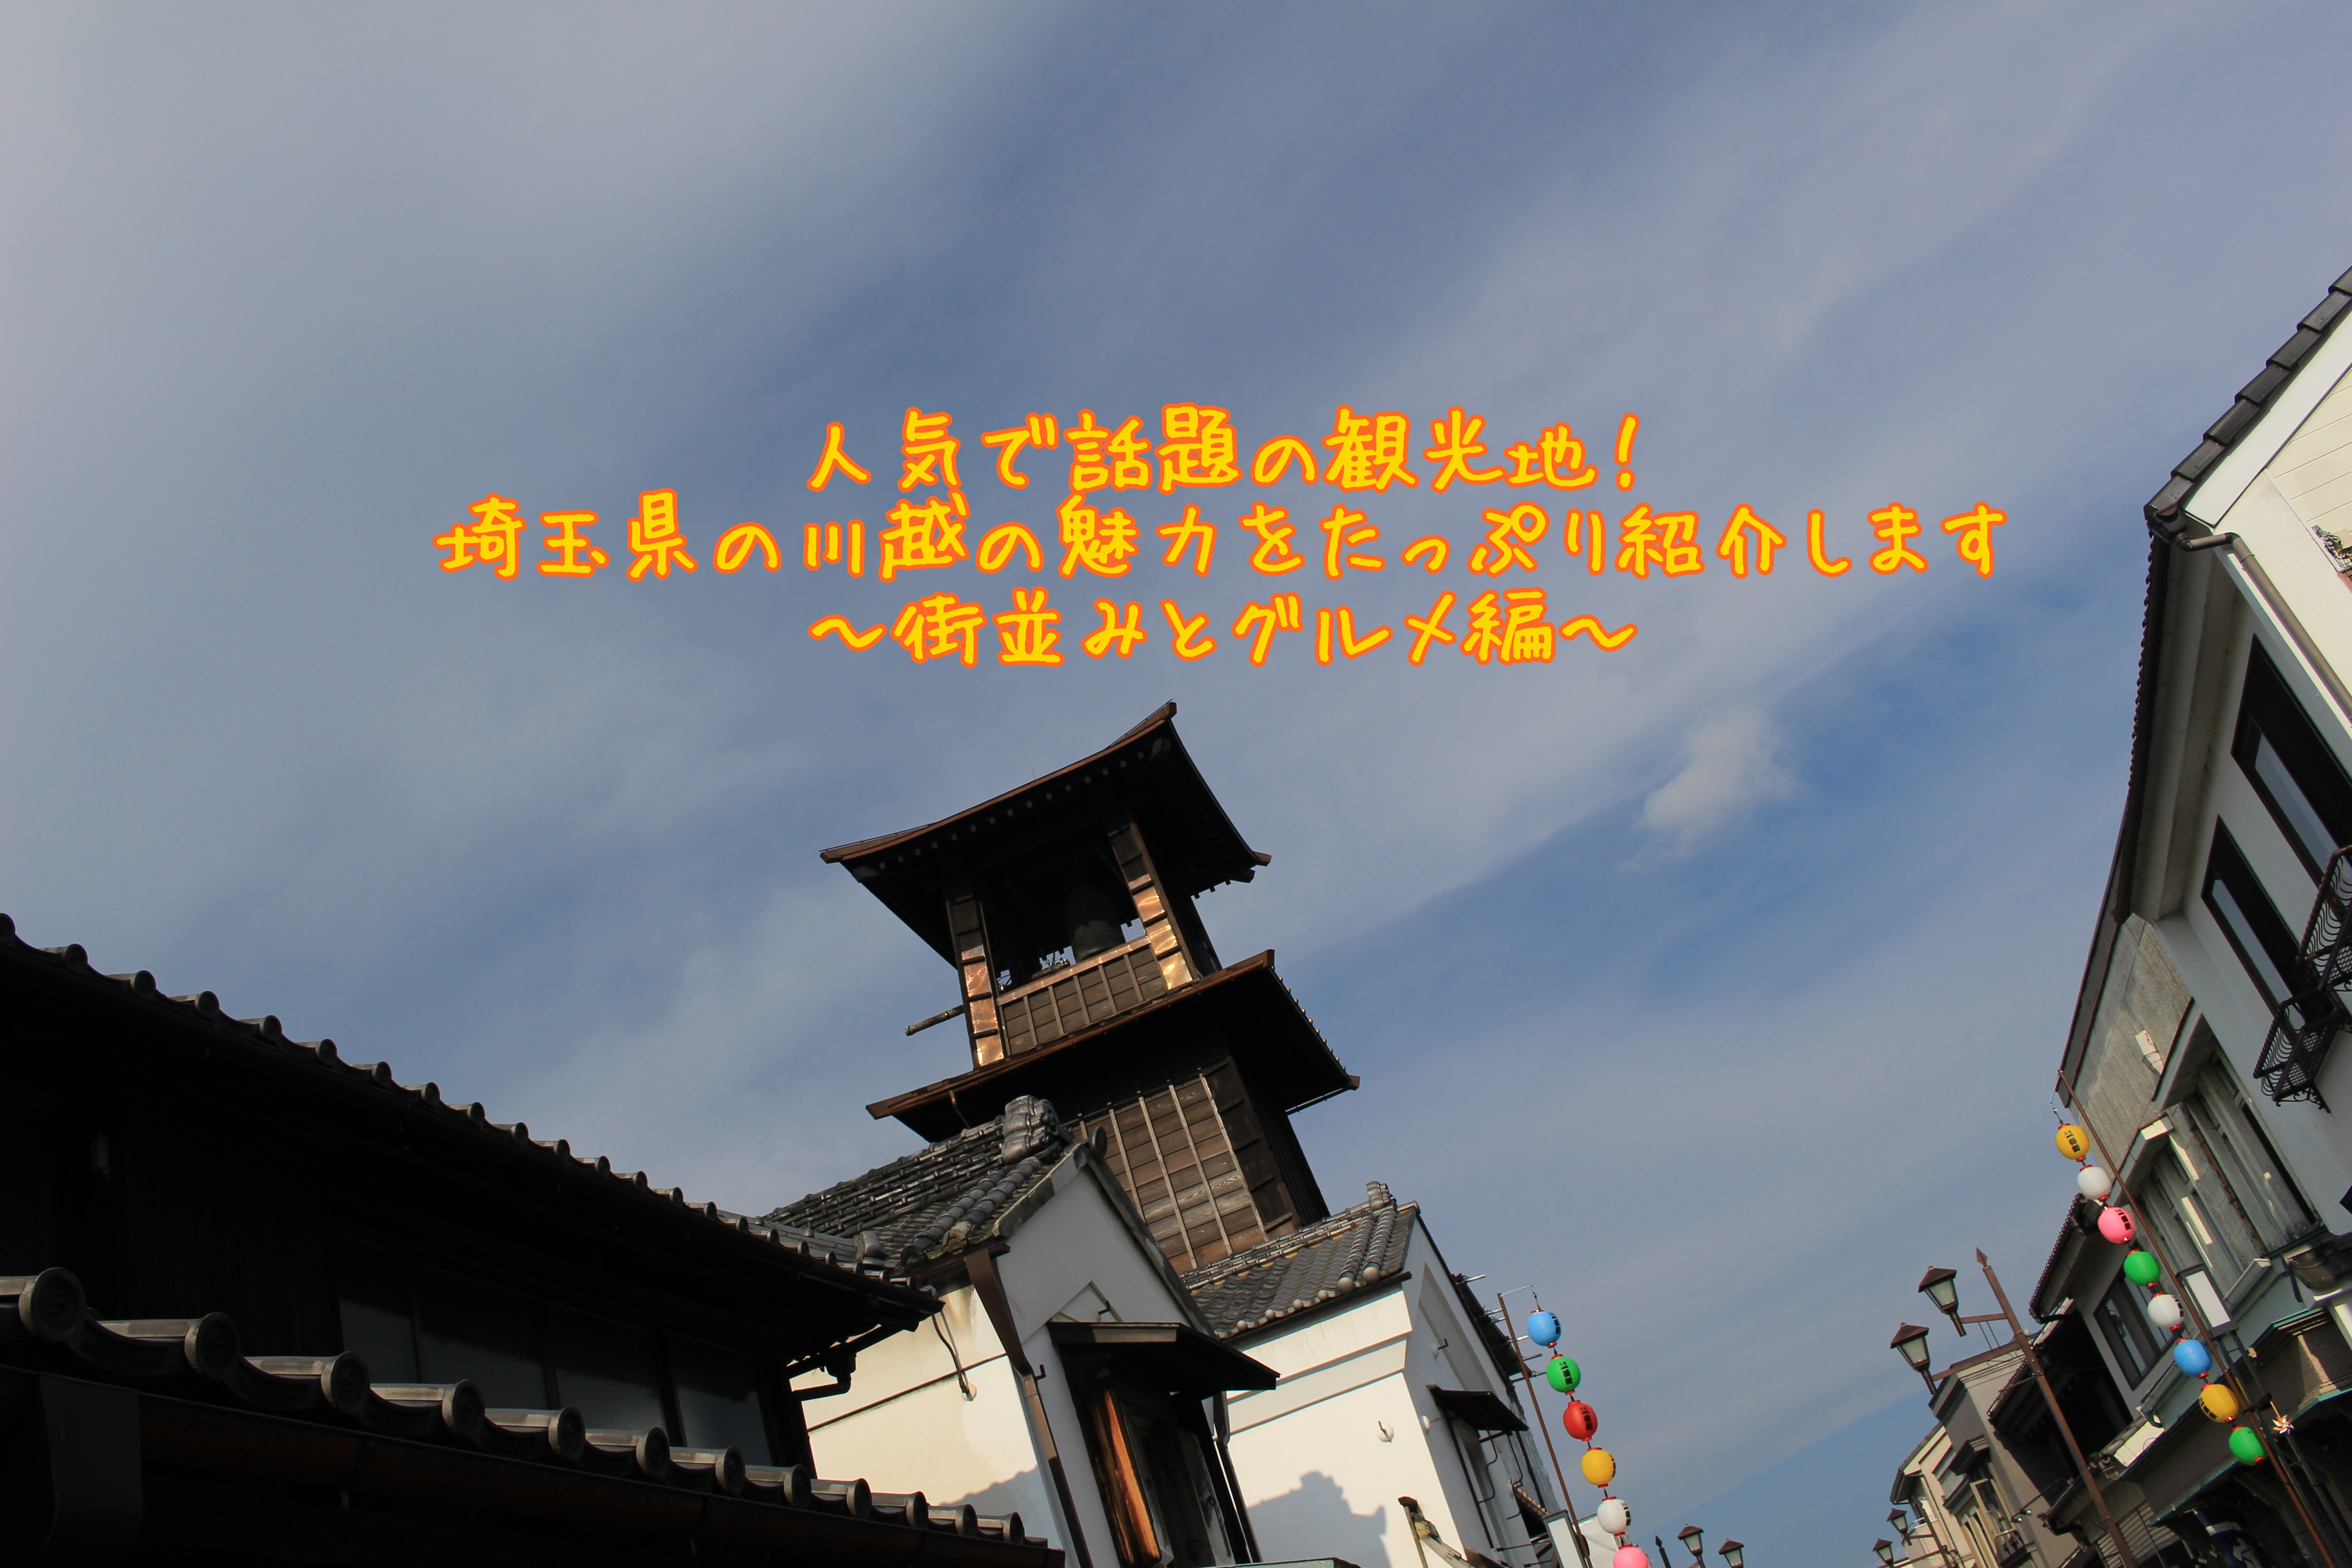 【川越旅行ブログ】人気観光地!埼玉県の川越の魅力を紹介#1【街並みとグルメ編】